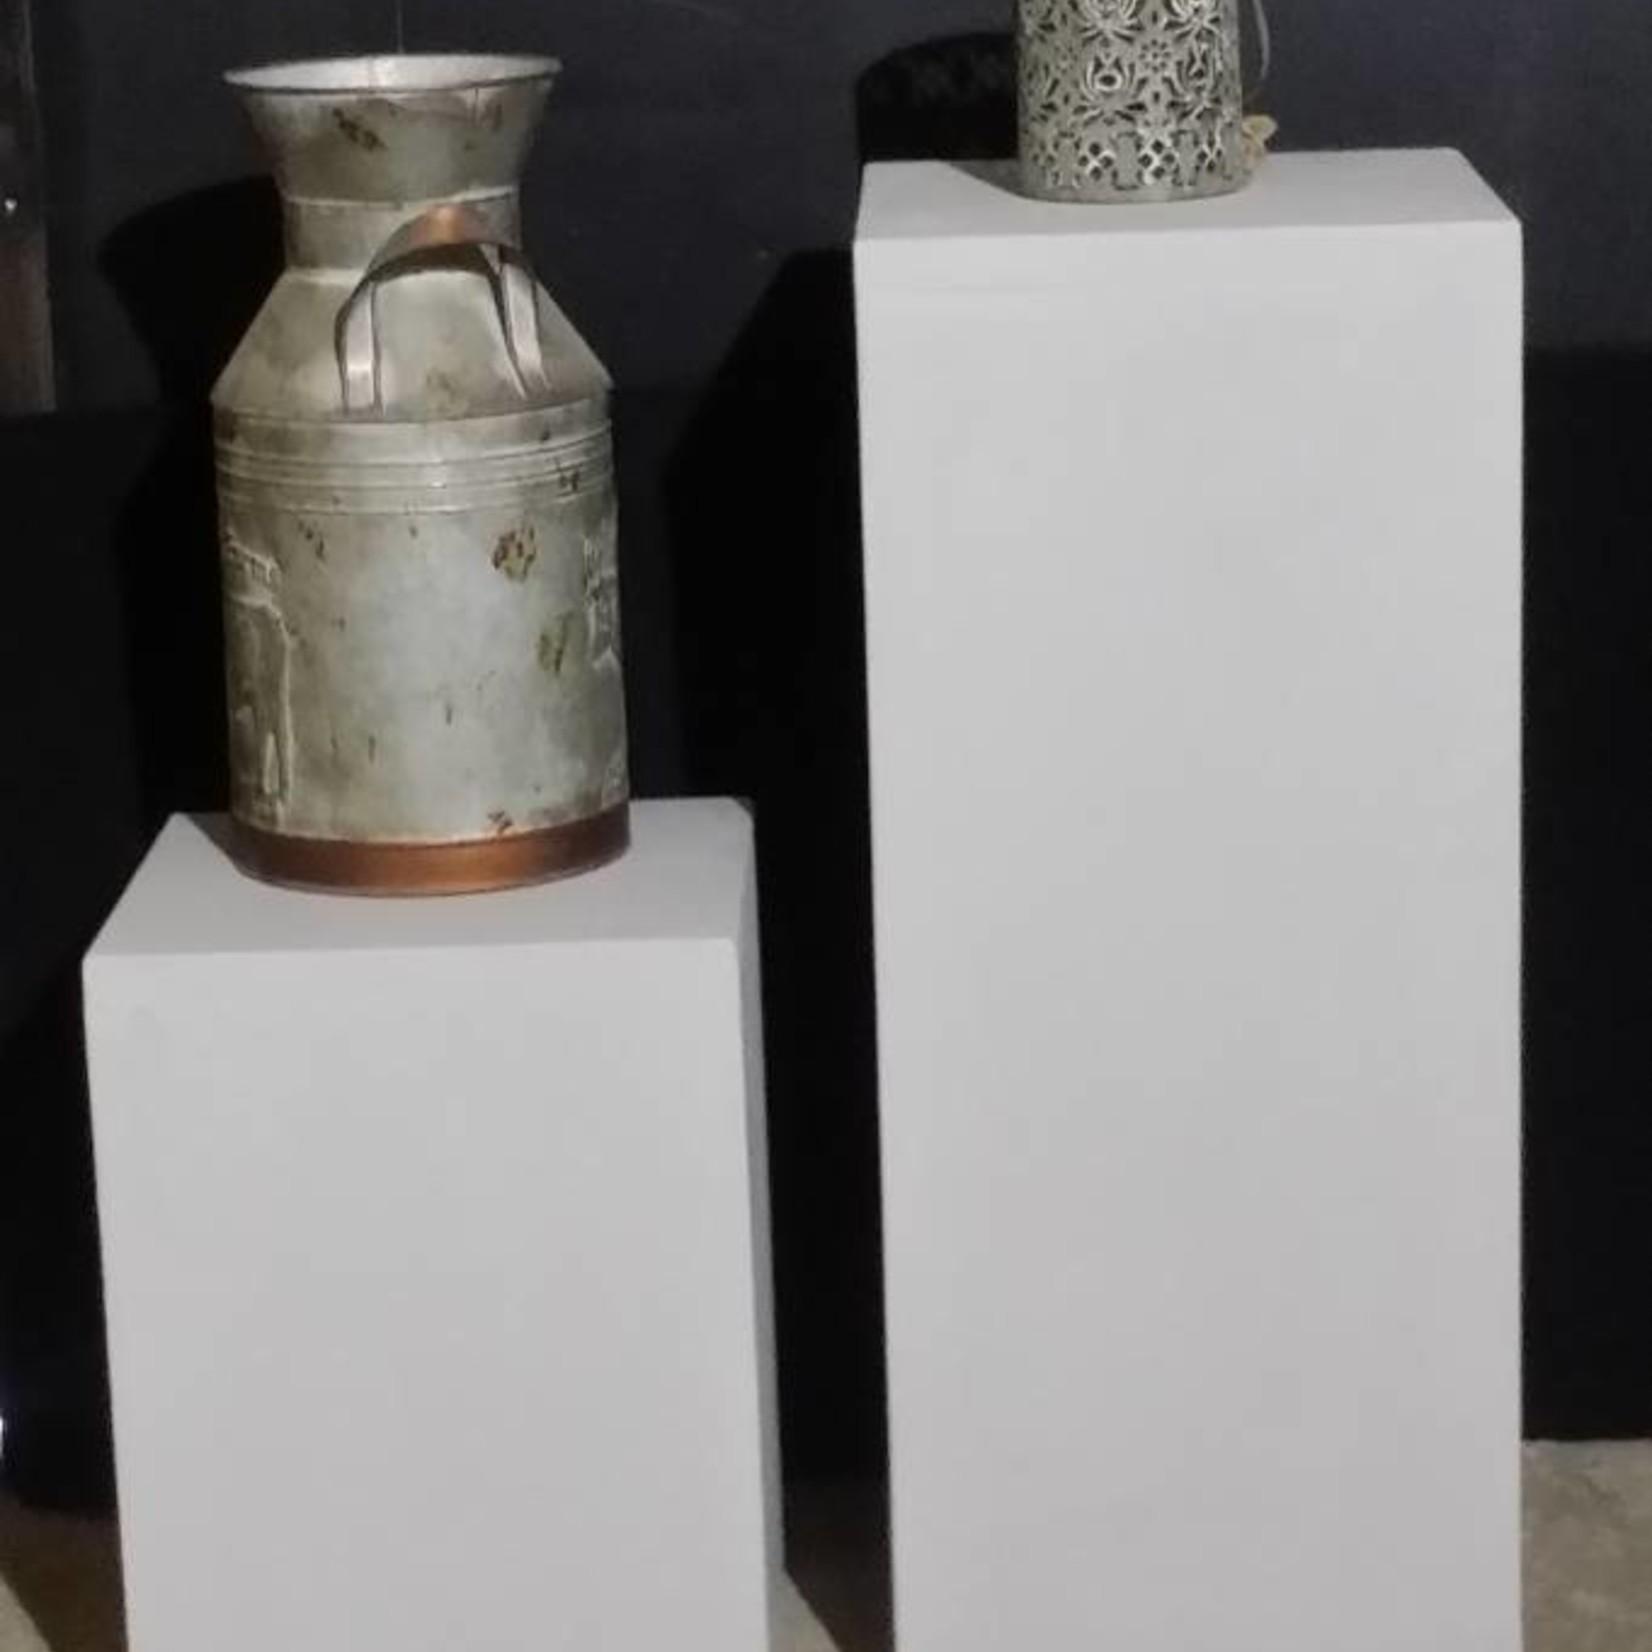 Zuil 50x50x60/160 - Boncreat Beton Ciré